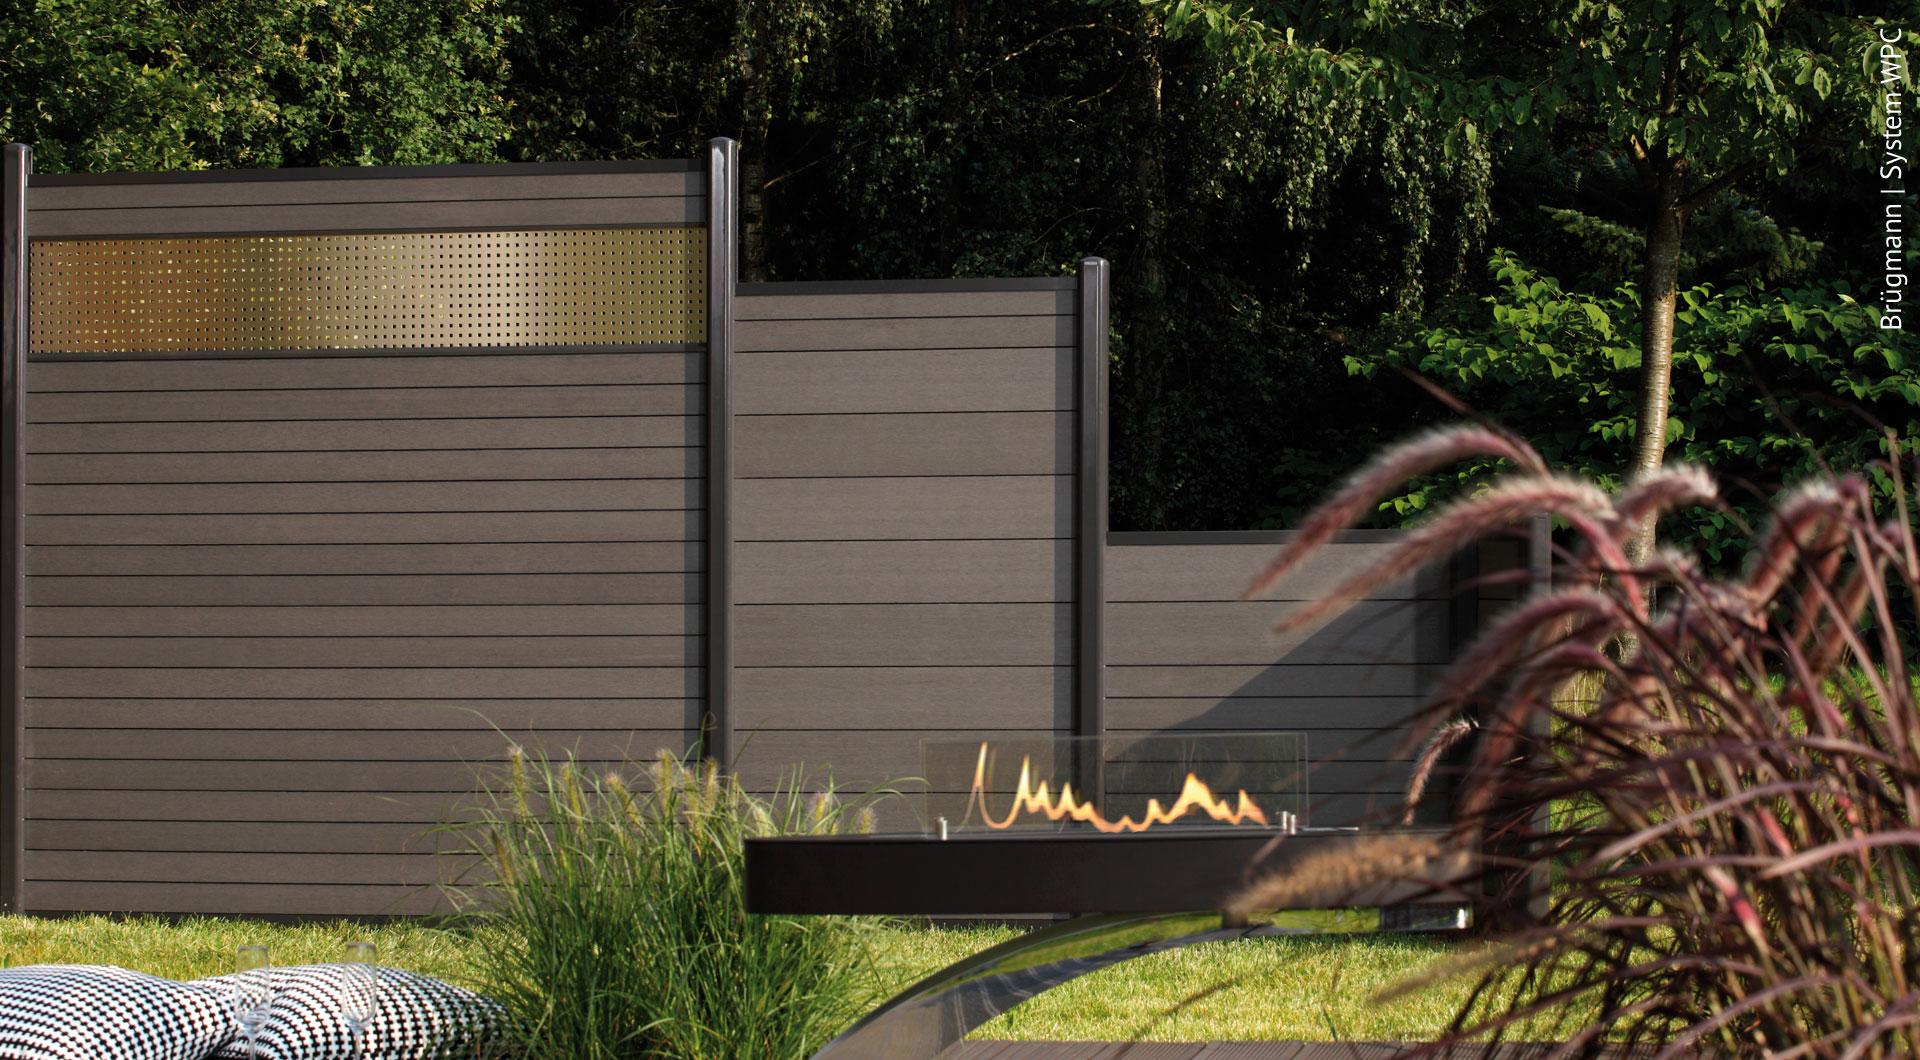 Full Size of Trennwände Garten Wpc Zune Der Sichtschutz Ohne Pflegeaufwand Holz Roeren Gmbh Versicherung Feuerstellen Im Pavillion Trampolin Kandelaber Lounge Sofa Garten Trennwände Garten